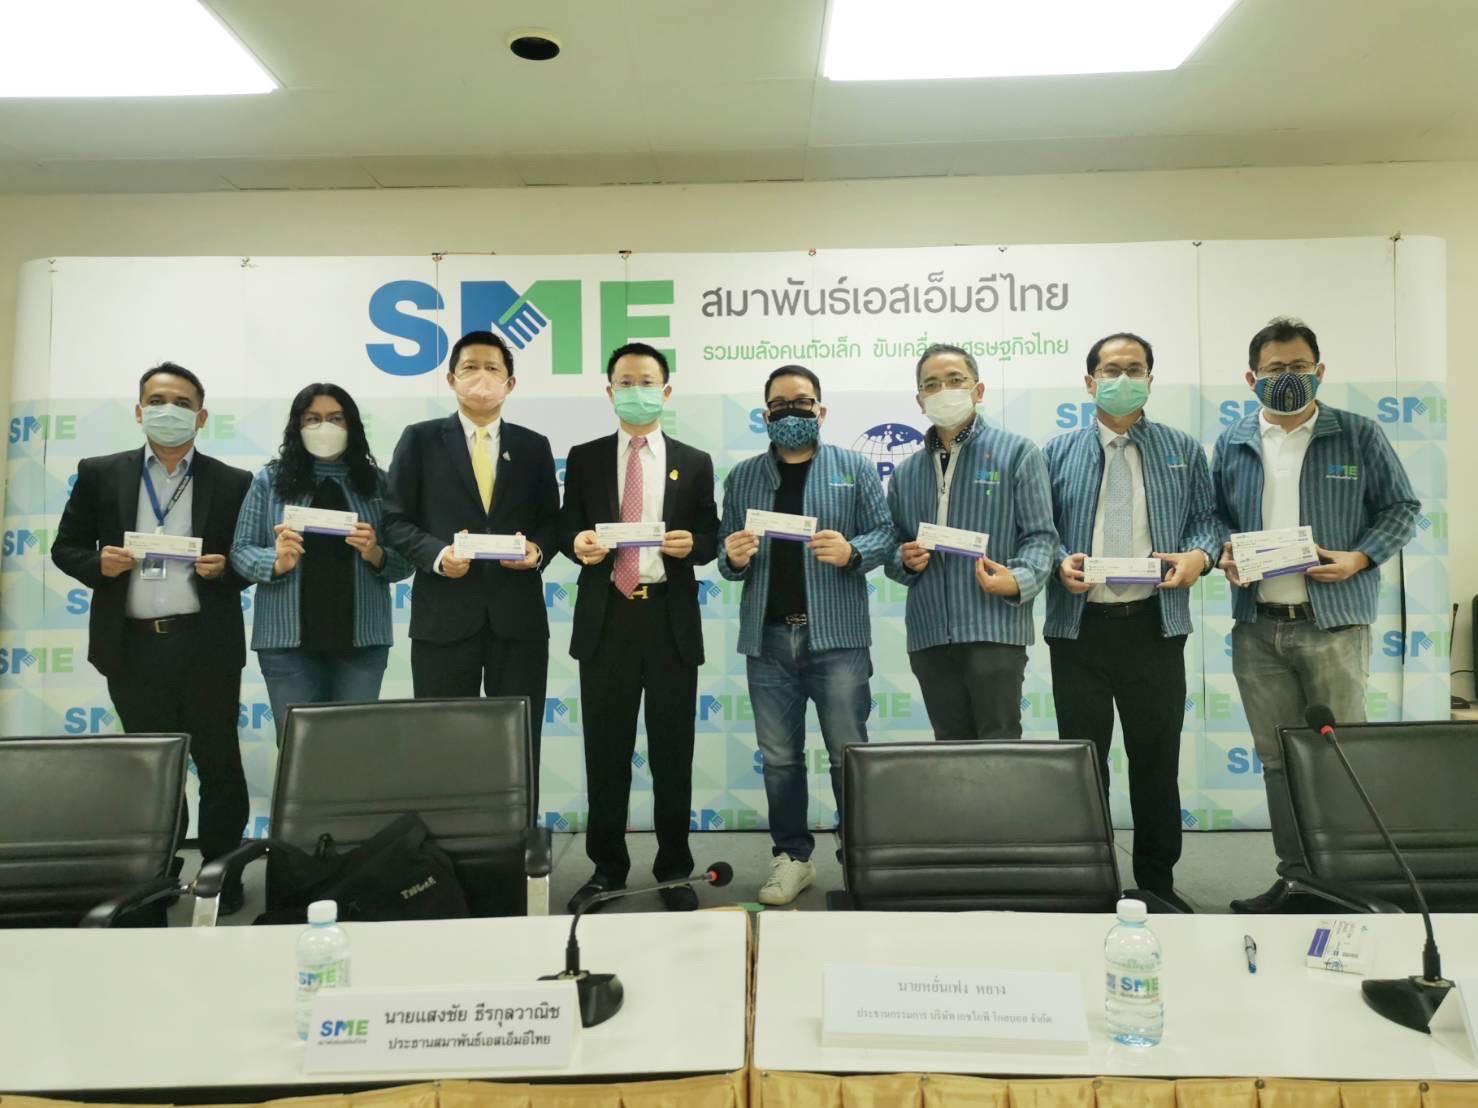 สมาพันธ์ SME-เอชไอพี จัดหาชุดตรวจ ATK ประคองรายได้สมาชิก – เศรษฐกิจ